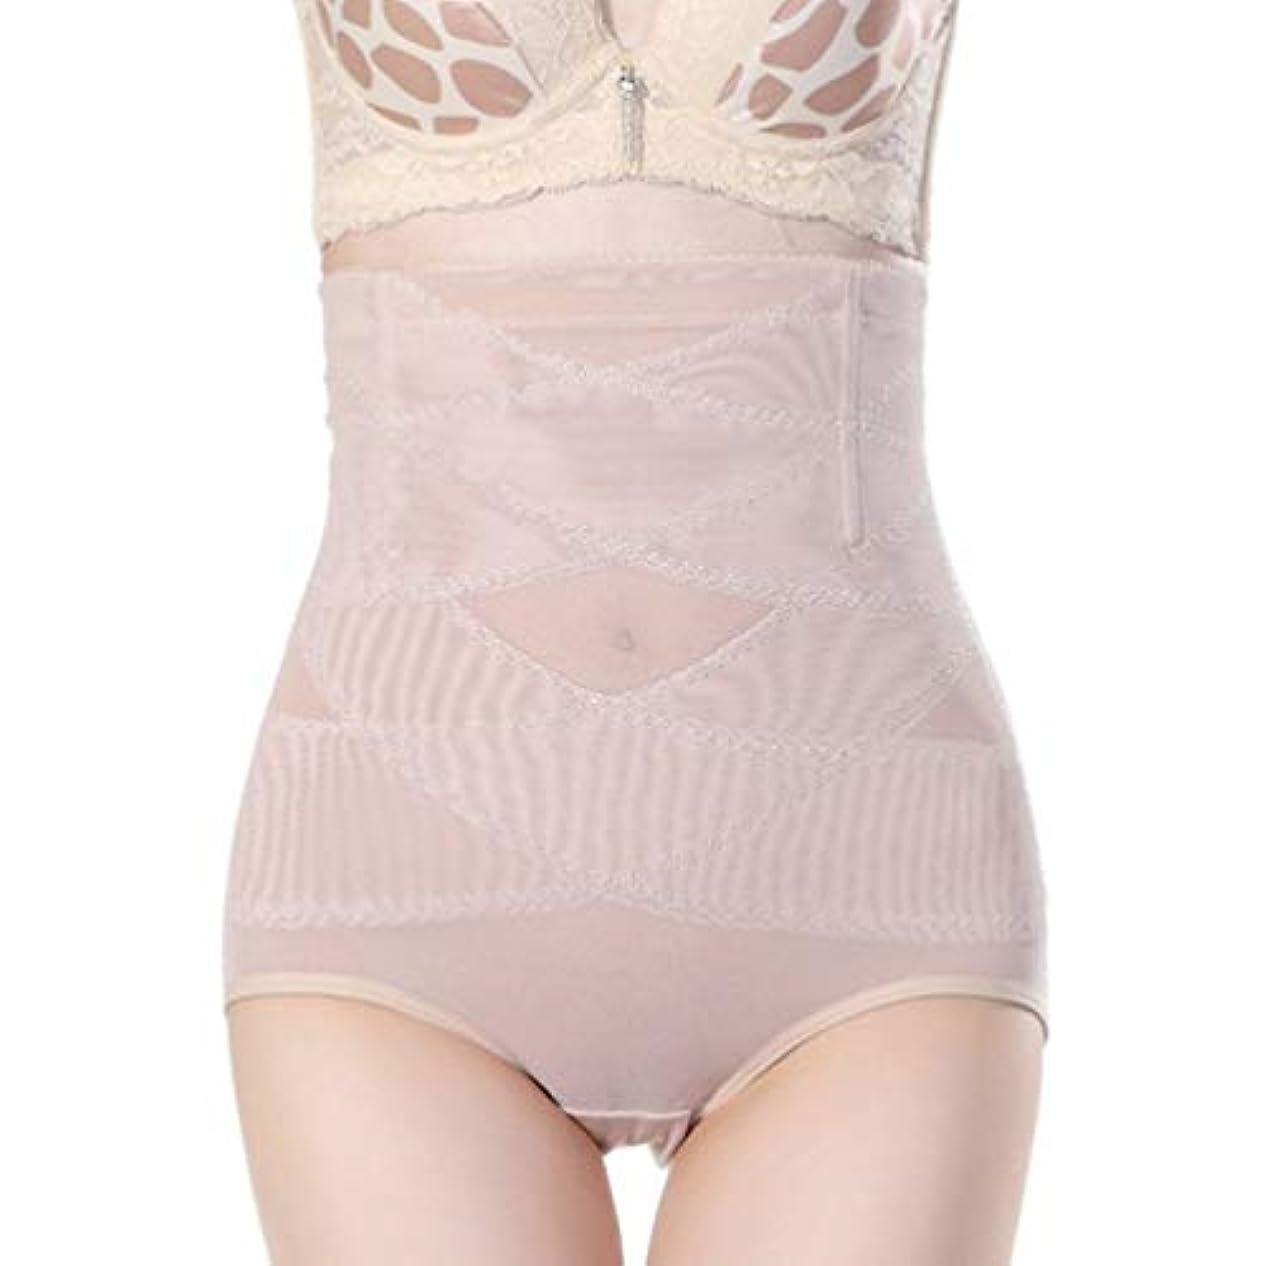 保存モールス信号責め腹部制御下着シームレスおなかコントロールパンティーバットリフターボディシェイパーを痩身通気性のハイウエストの女性 - 肌色3 XL